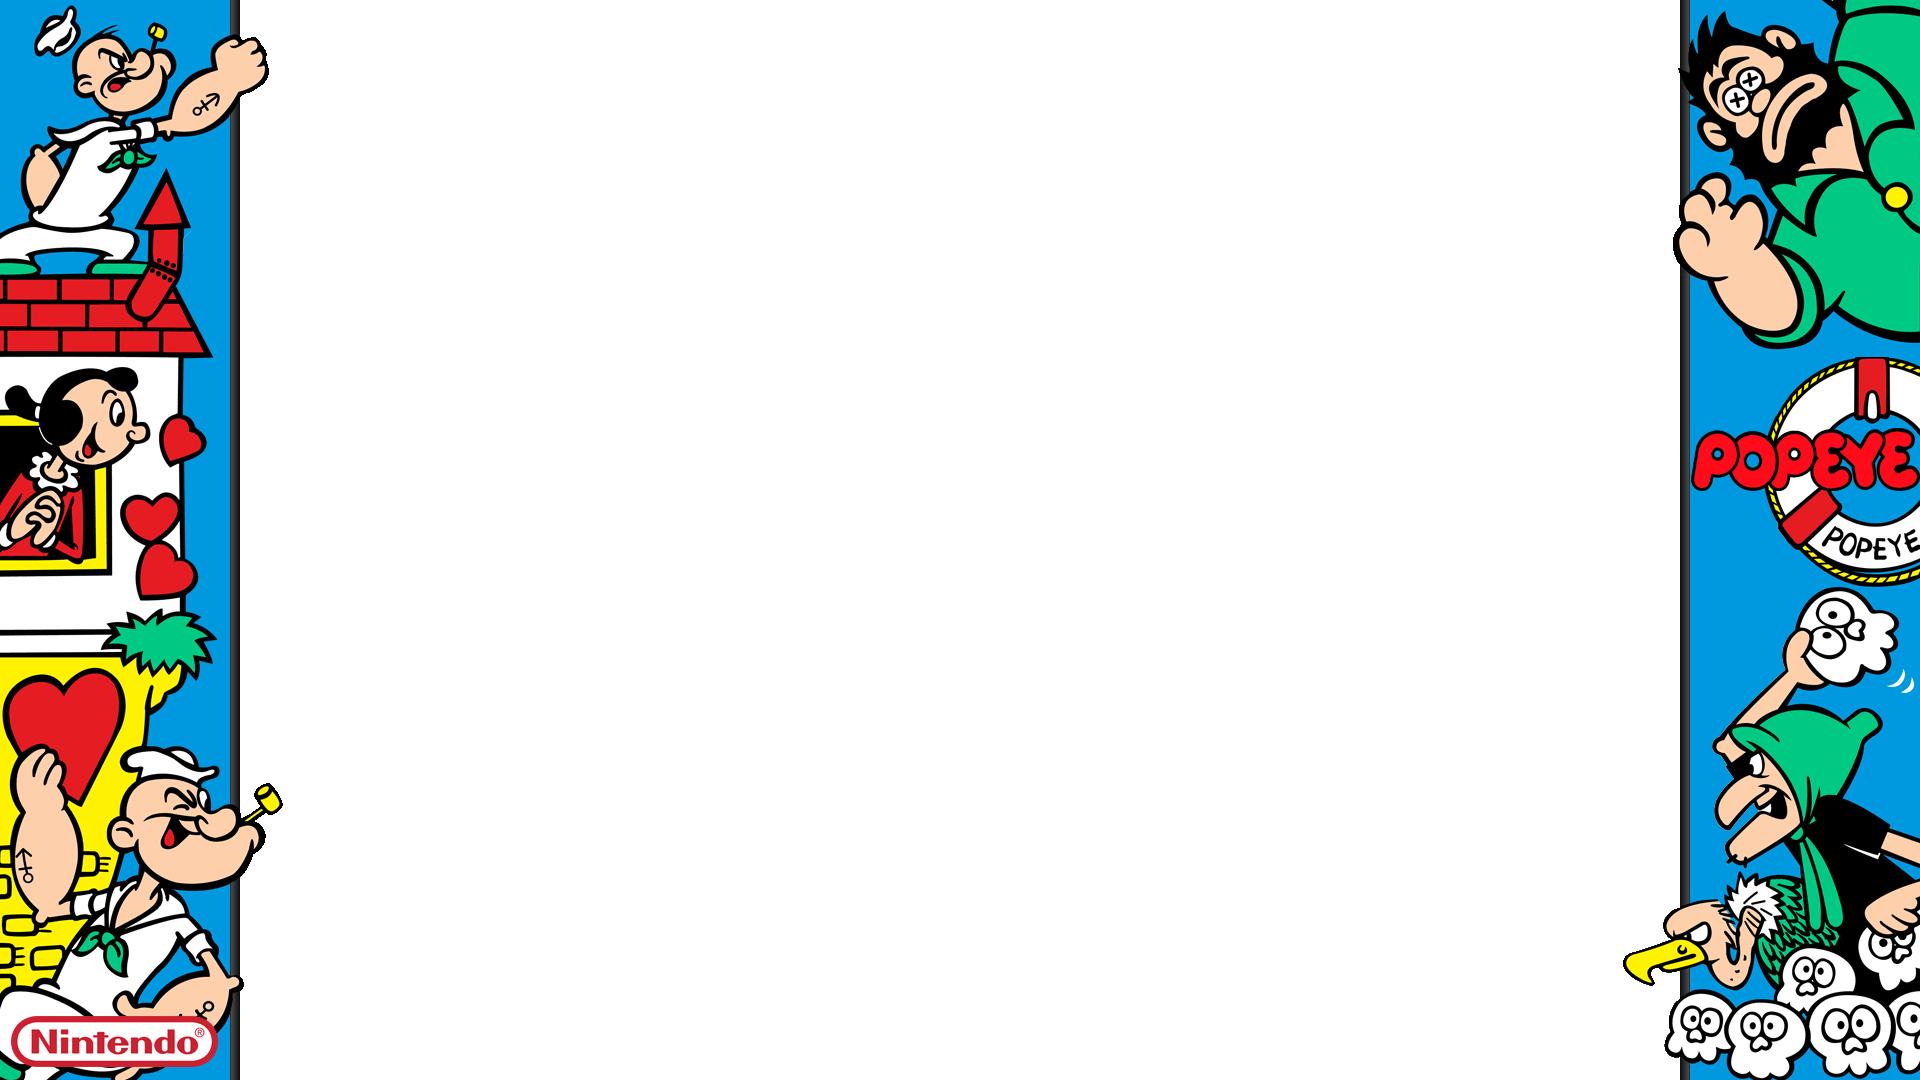 Popeye 1080p Overlay